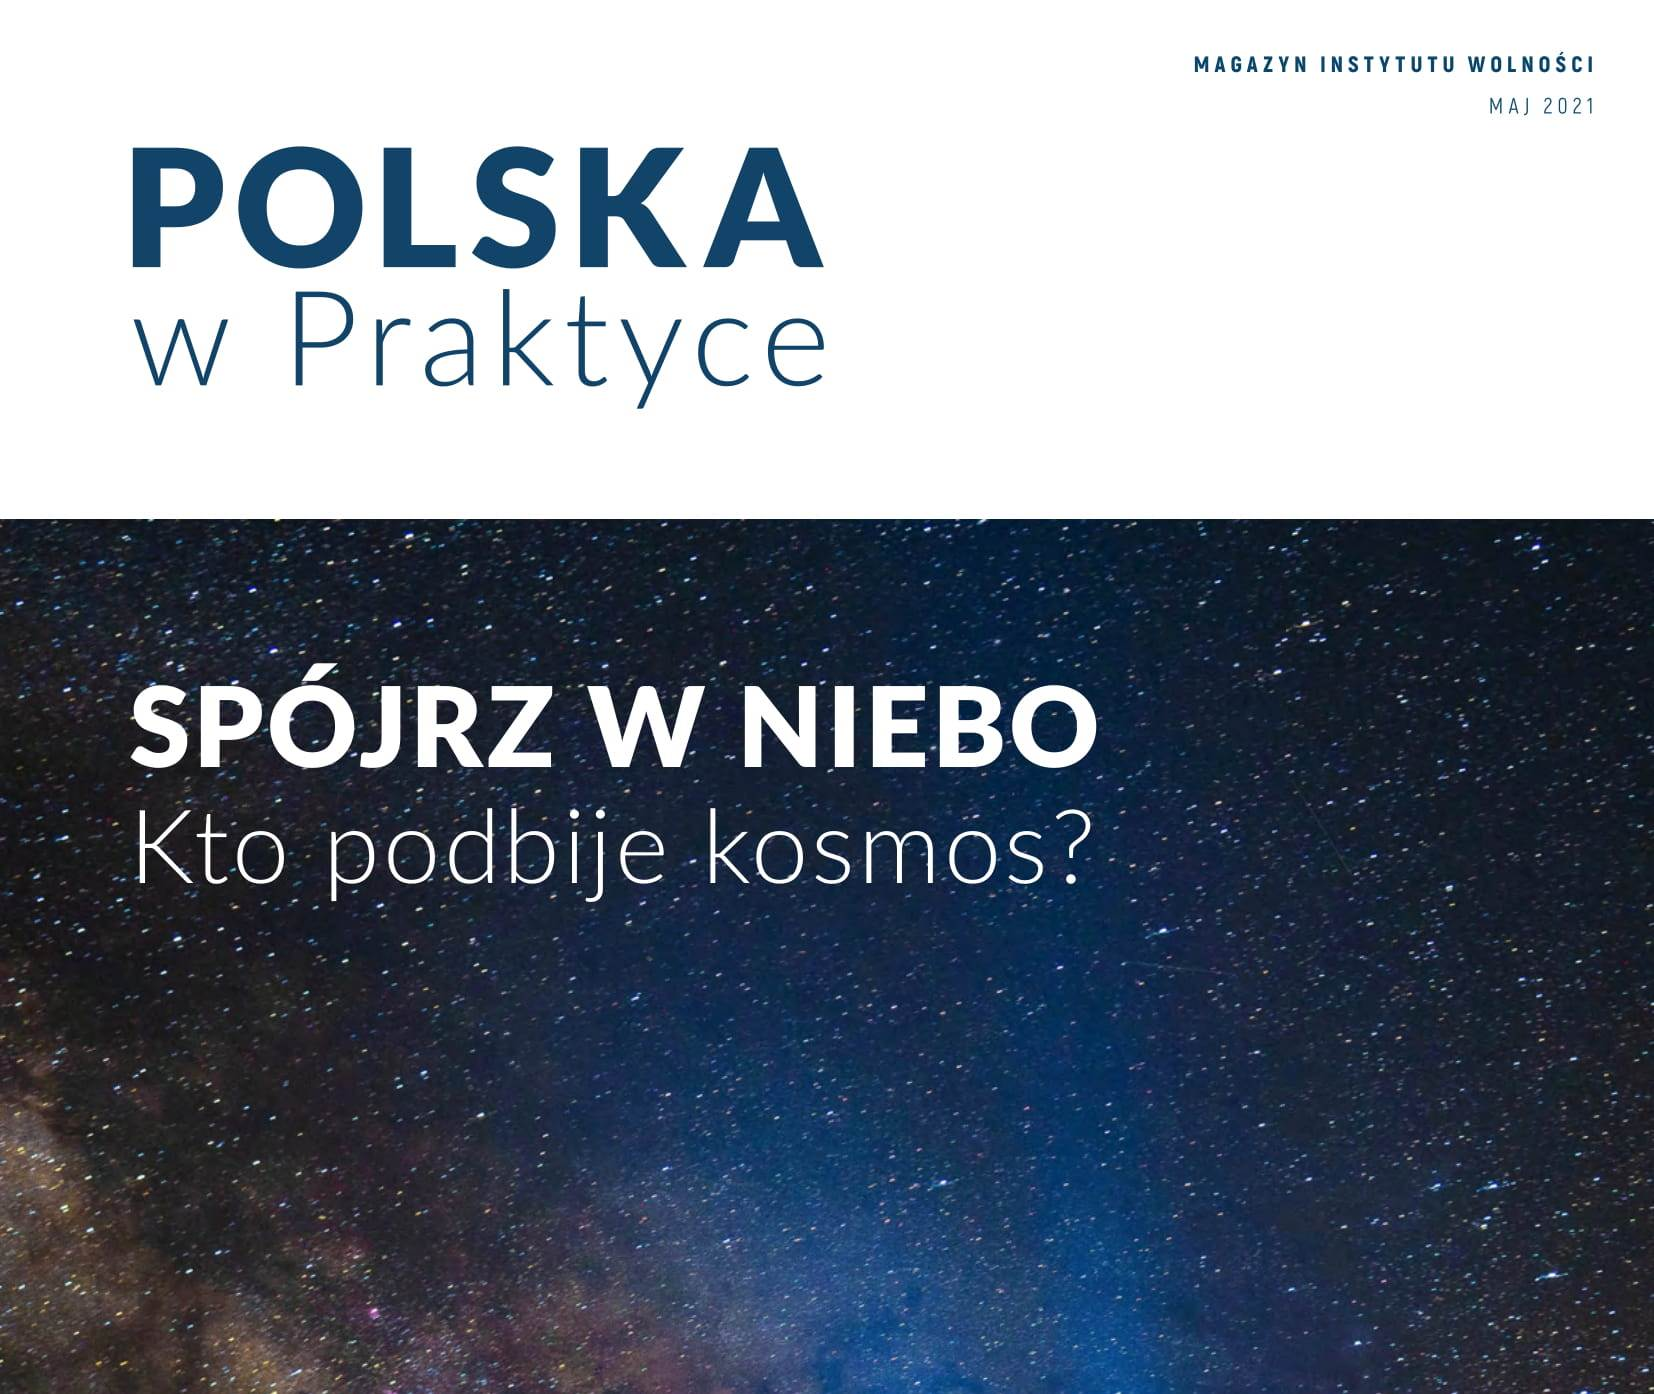 Spójrz w niebo! Nowy numer magazynu Polska w Praktyce już dostępny.